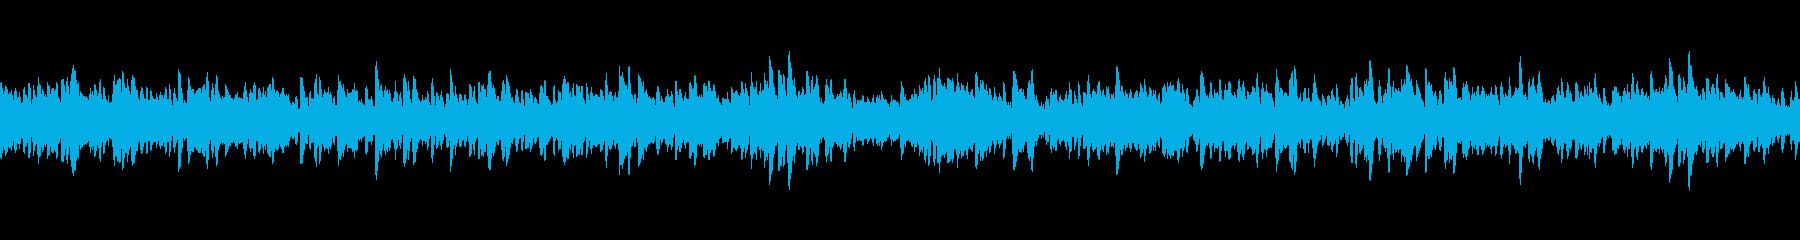 映像向けシンプルで切なく儚いピアノの再生済みの波形